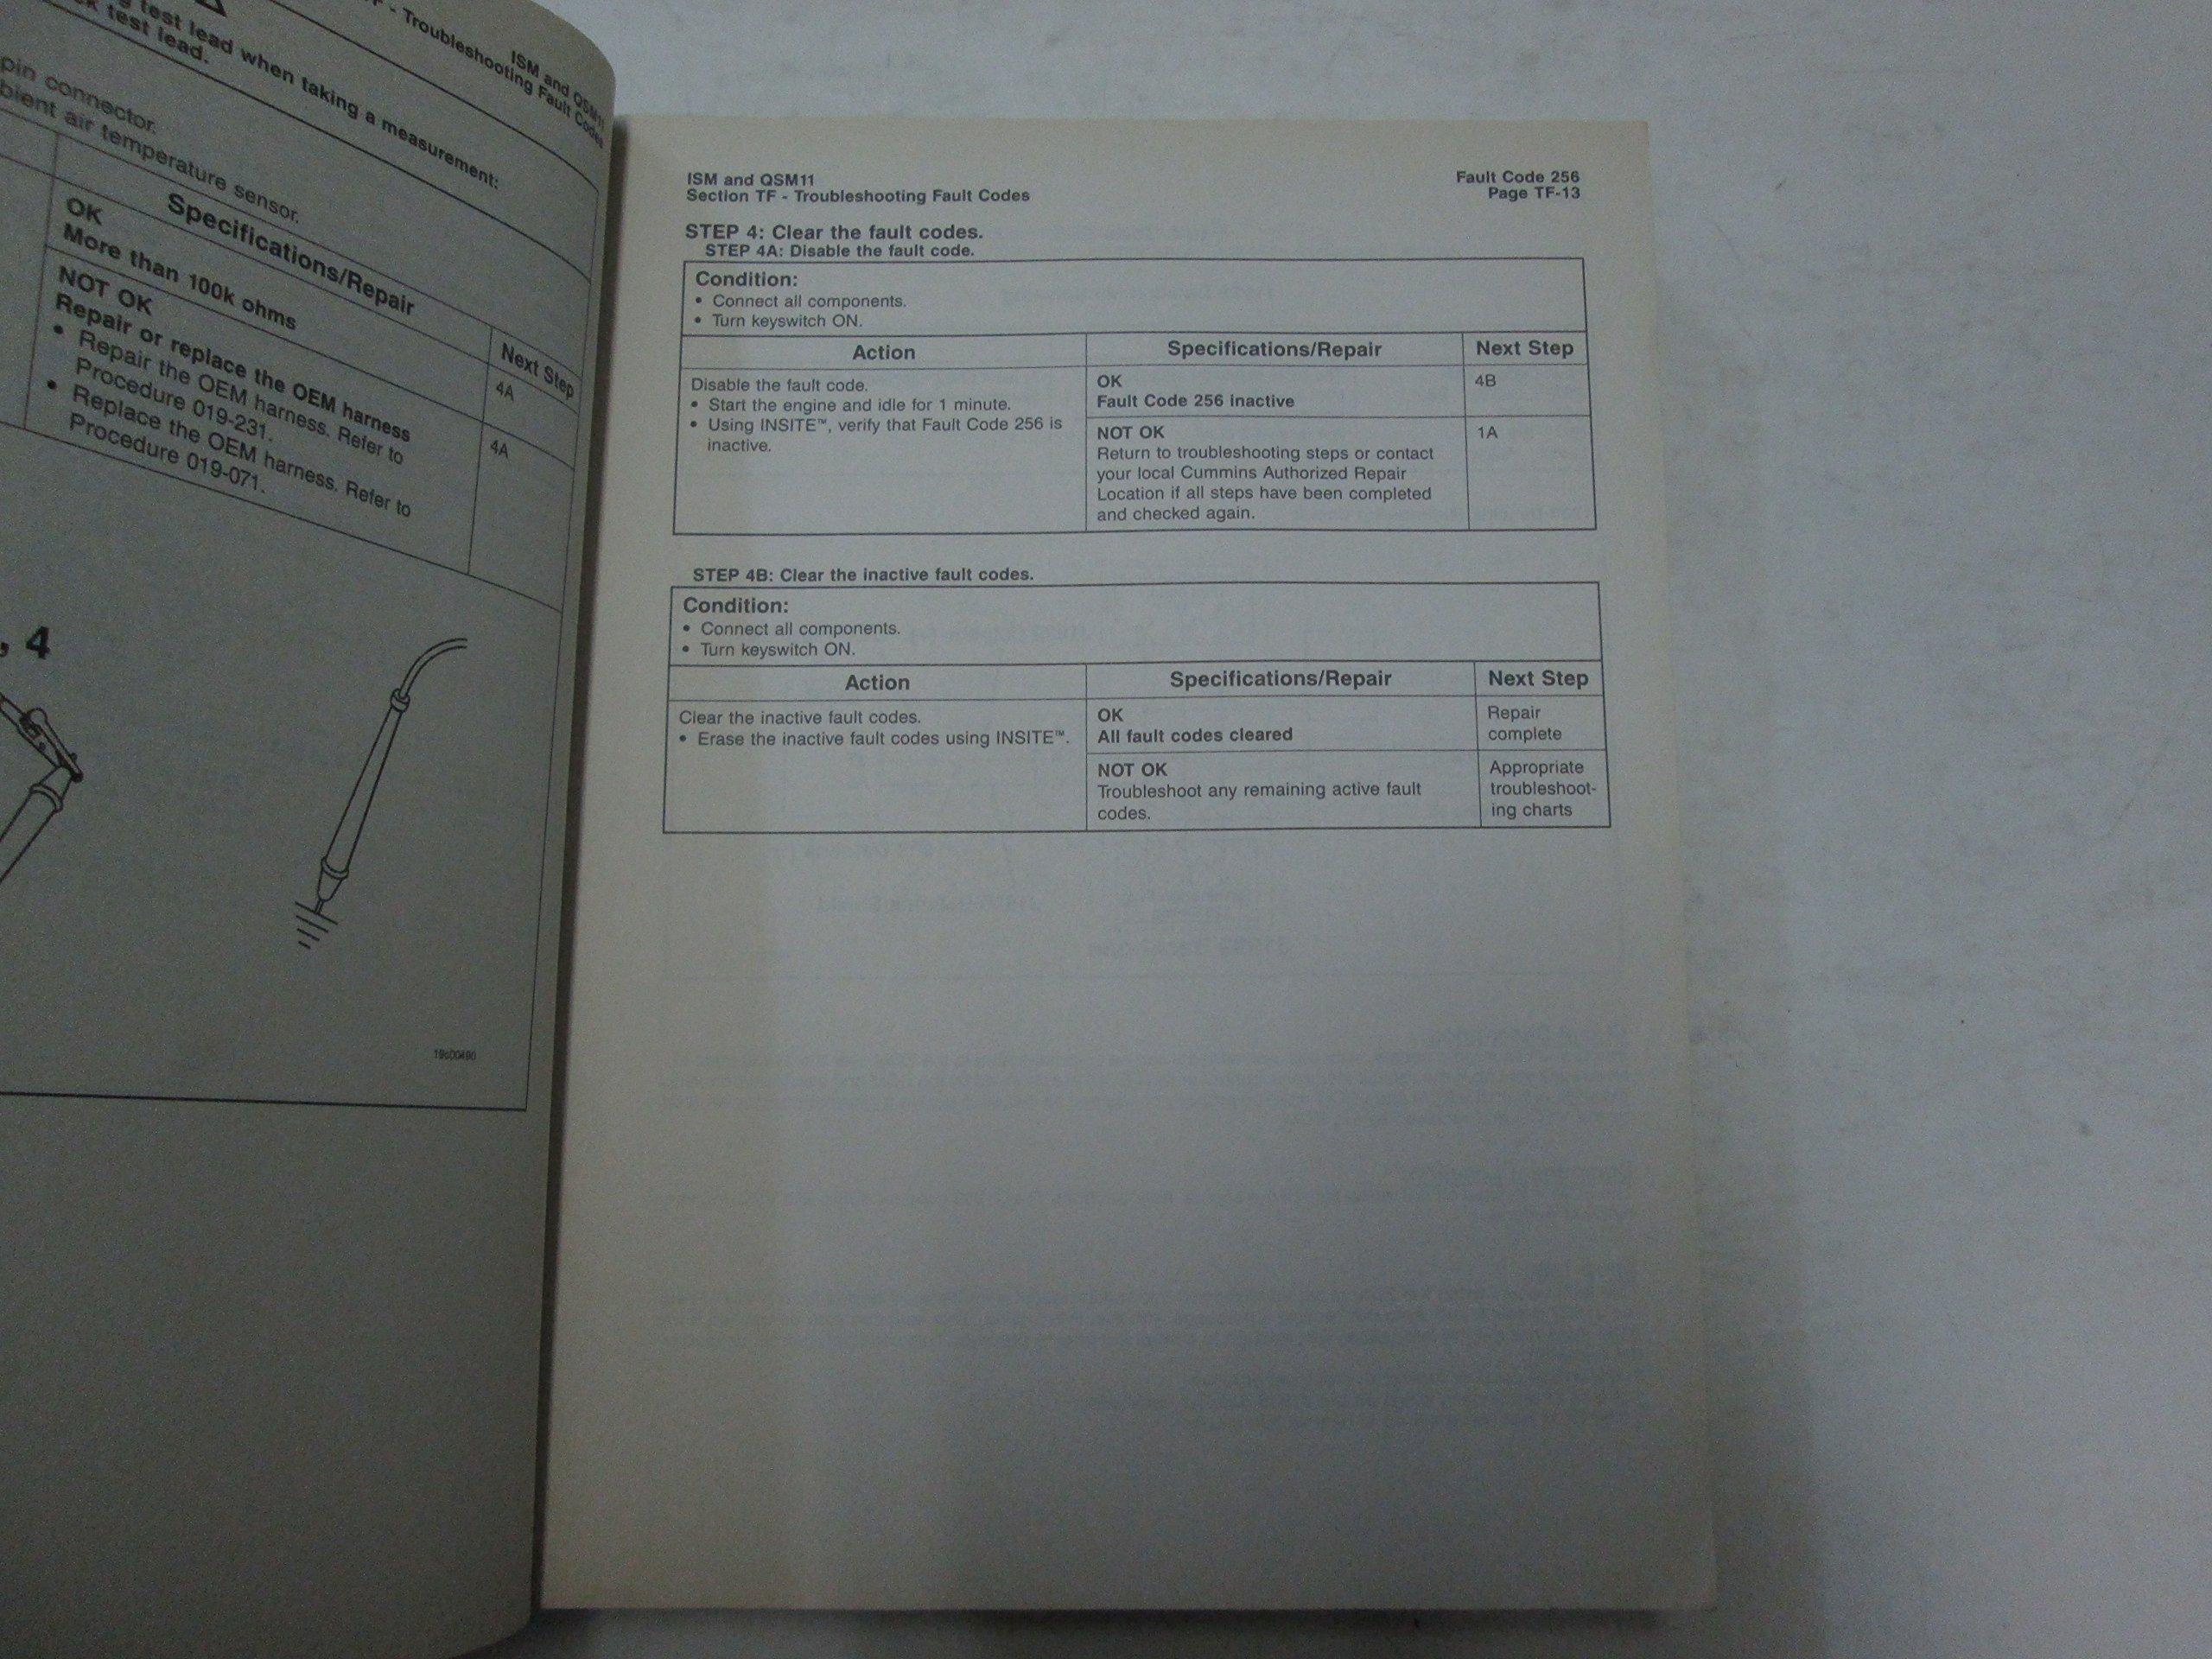 1999 Cummins ISM & QSM11 Engines ECS Troubleshooting